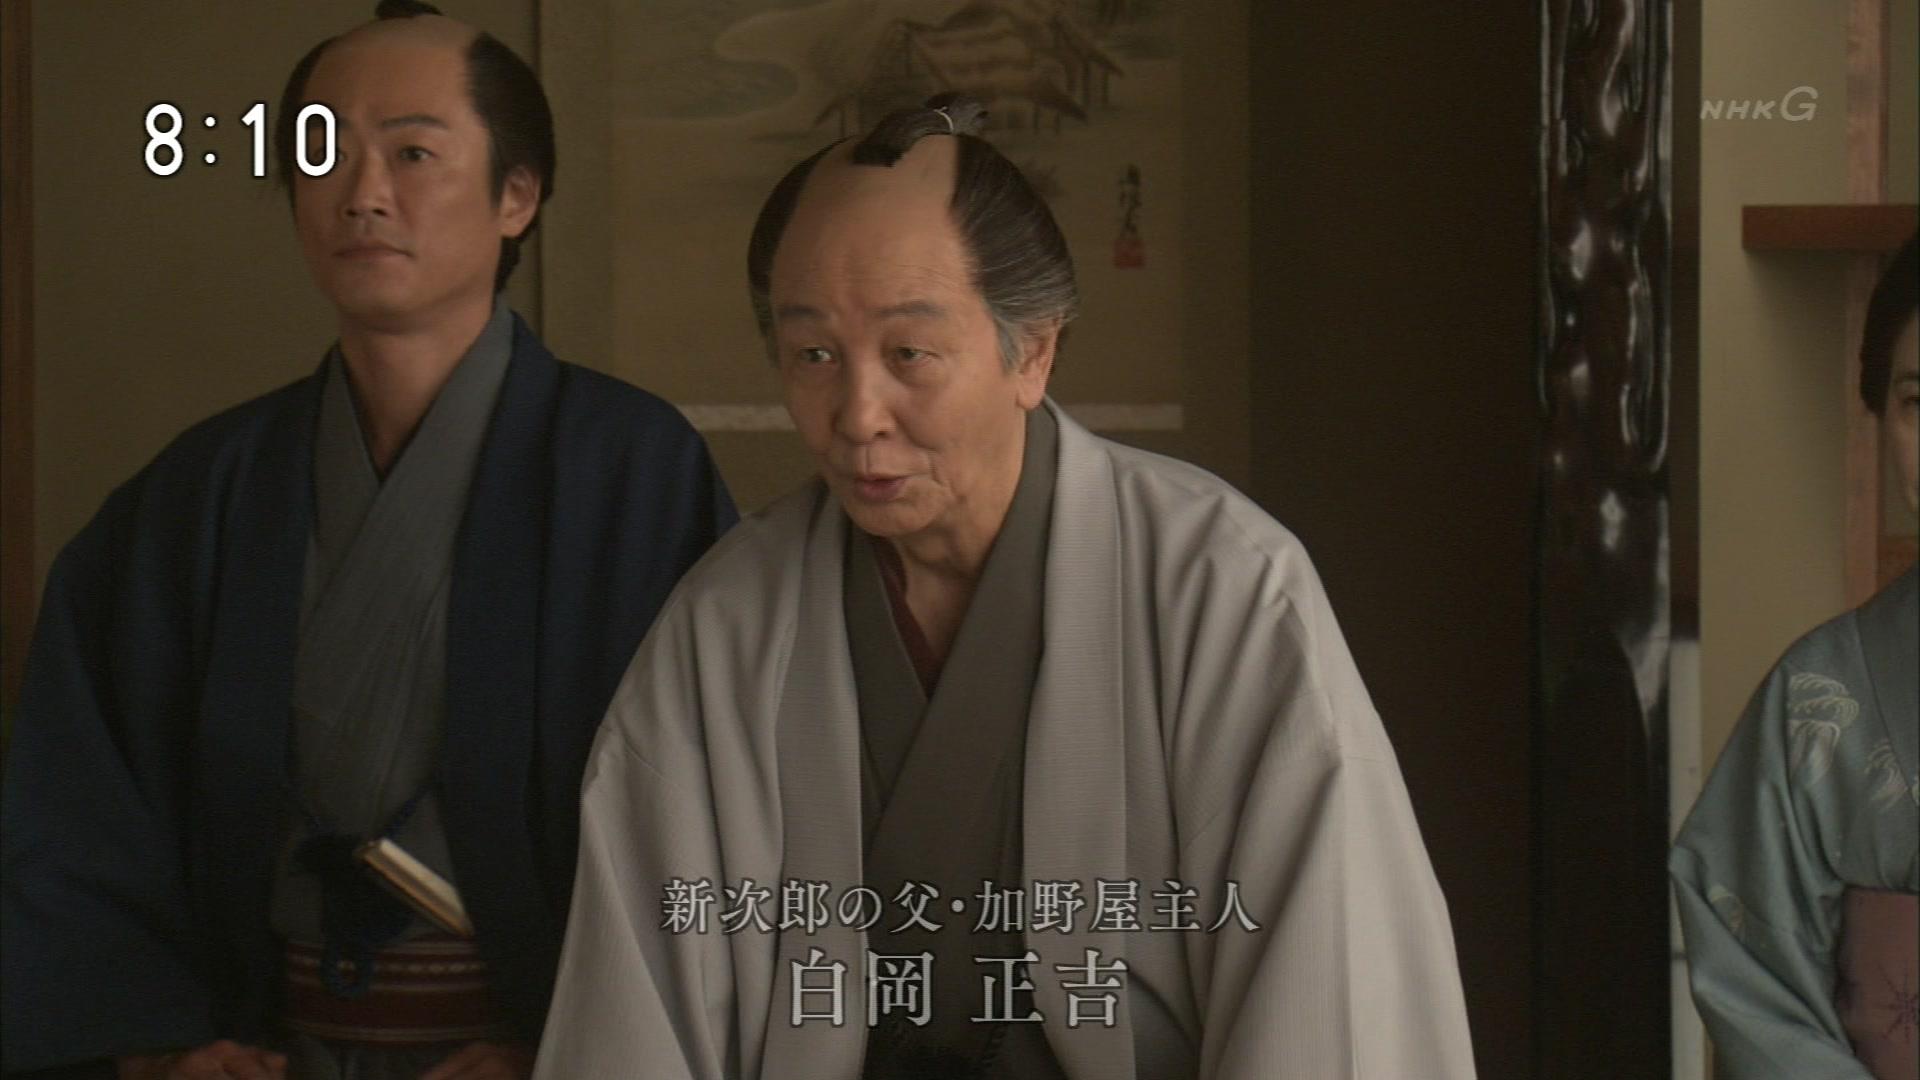 2015-09-30 08:00 連続テレビ小説 あさが来た(3)「小さな許嫁(いいなずけ)」 1946